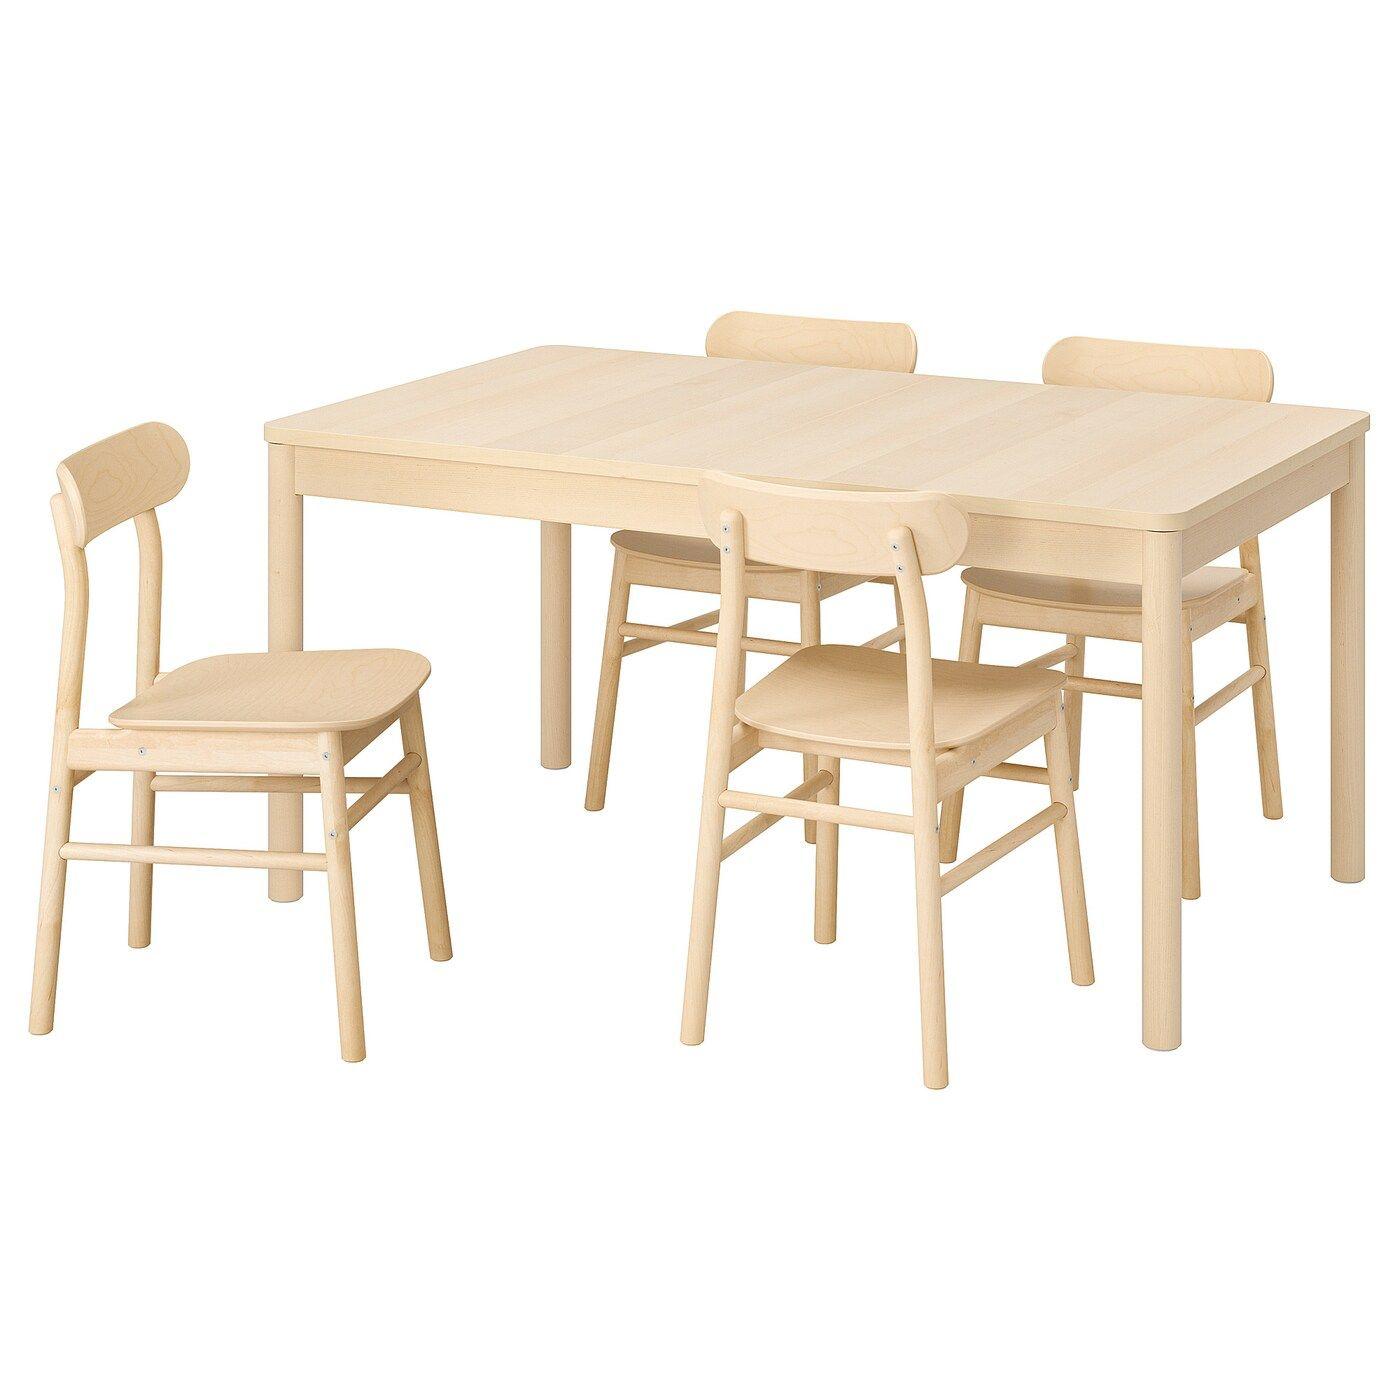 RÖNNINGE / RÖNNINGE Tisch und 9 Stühle   Birke/Birke   IKEA ...